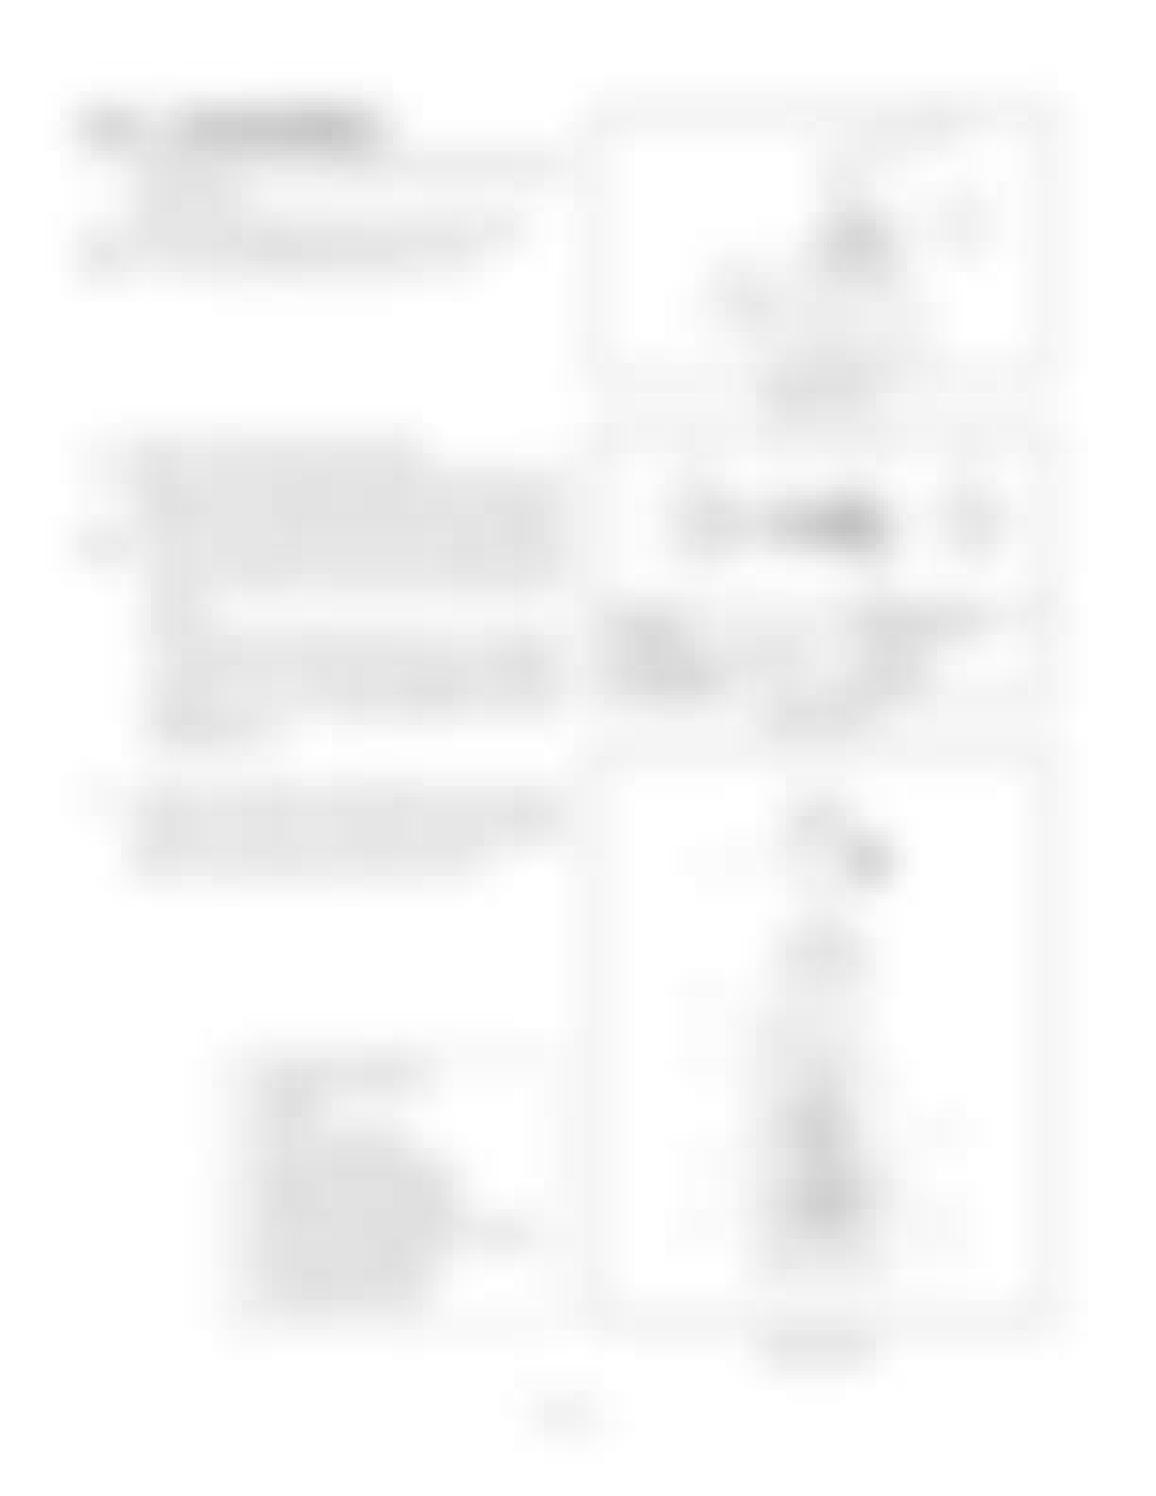 Hitachi LX110-7 LX130-7 LX160-7 LX190-7 LX230-7 Wheel Loader Workshop Manual - PDF DOWNLOAD page 260